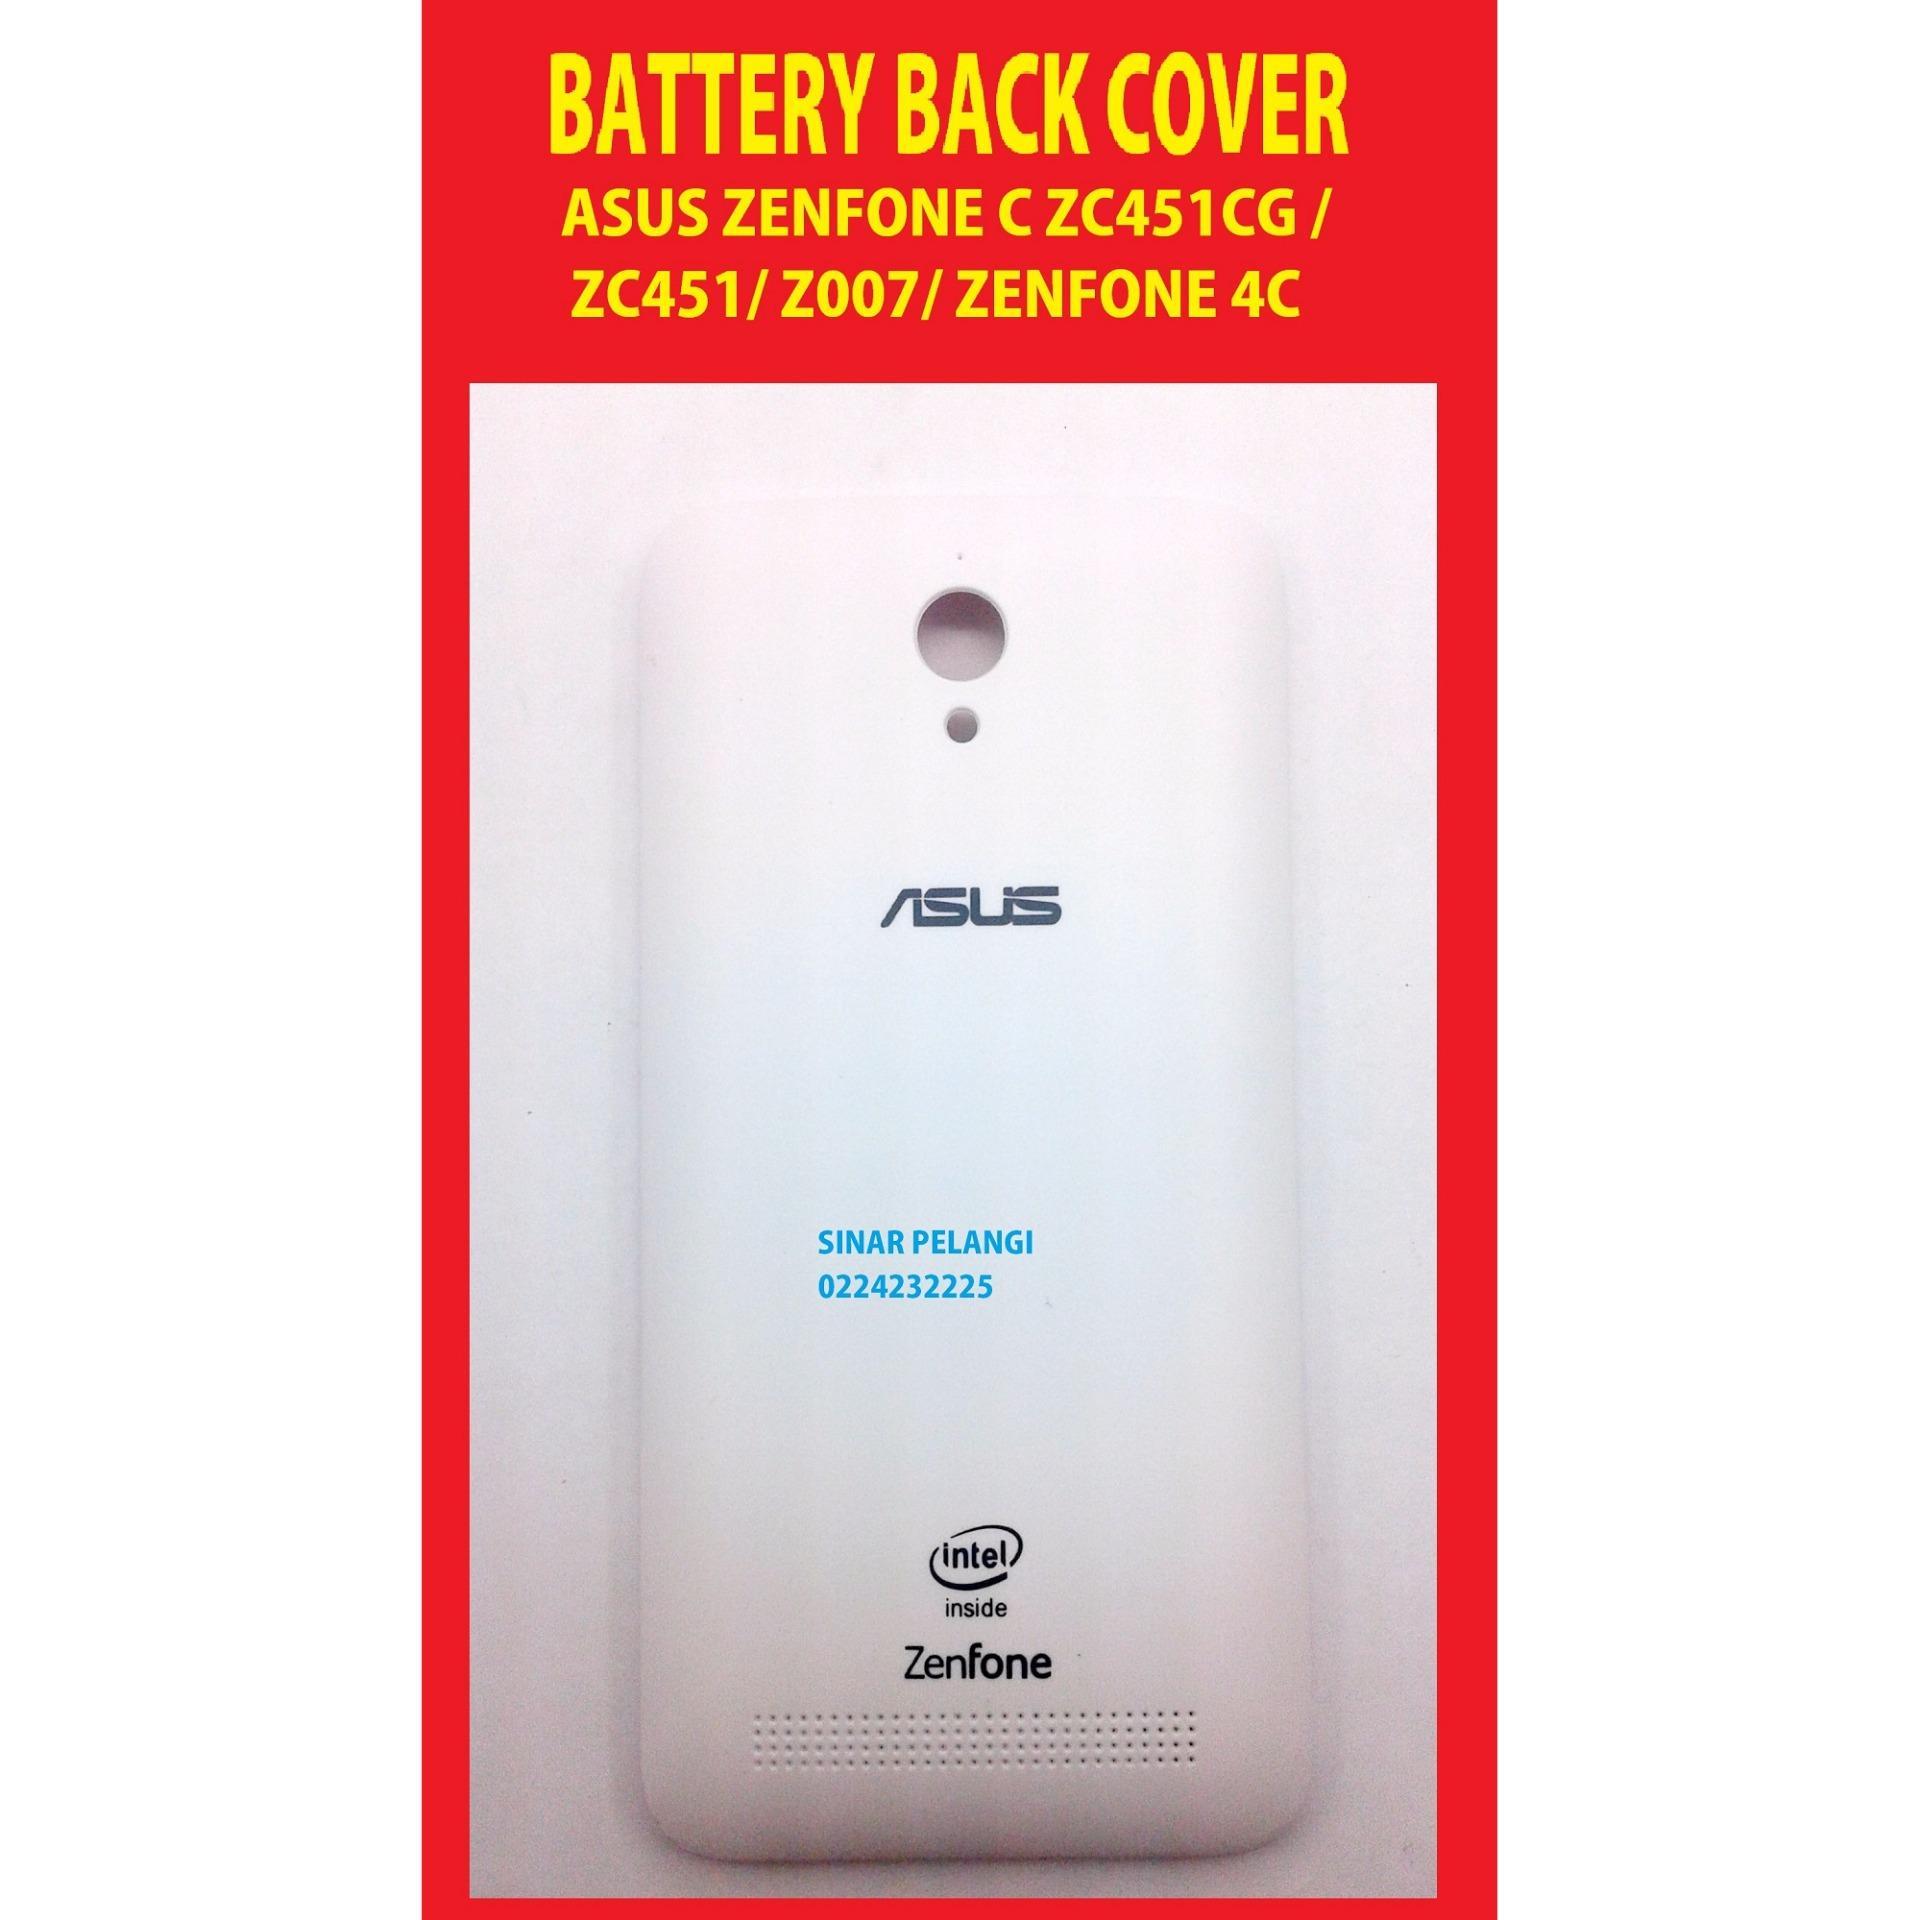 ASUS ZENFONE C ZC451CG ZC451 Z007 4C WHITE BATTERY BACK COVER DOOR TUTUP BATERAI